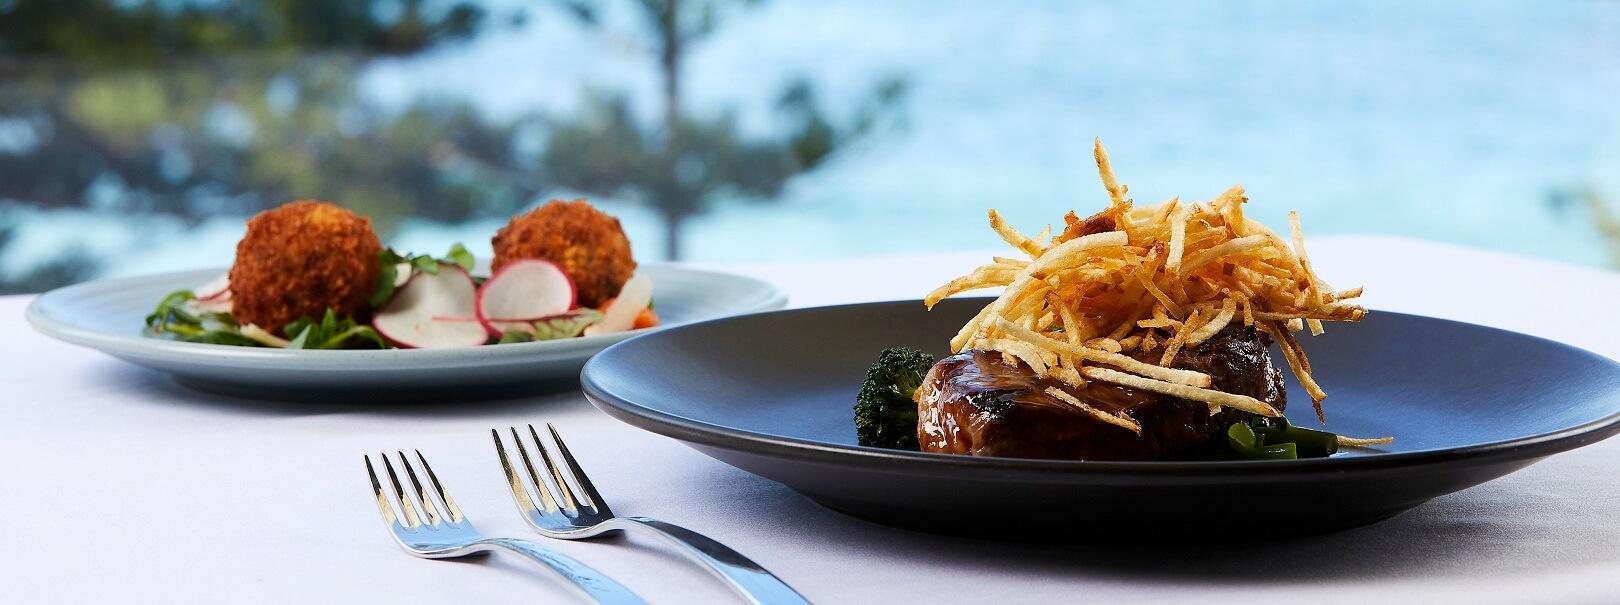 Dinner in Seasalt Restaurant